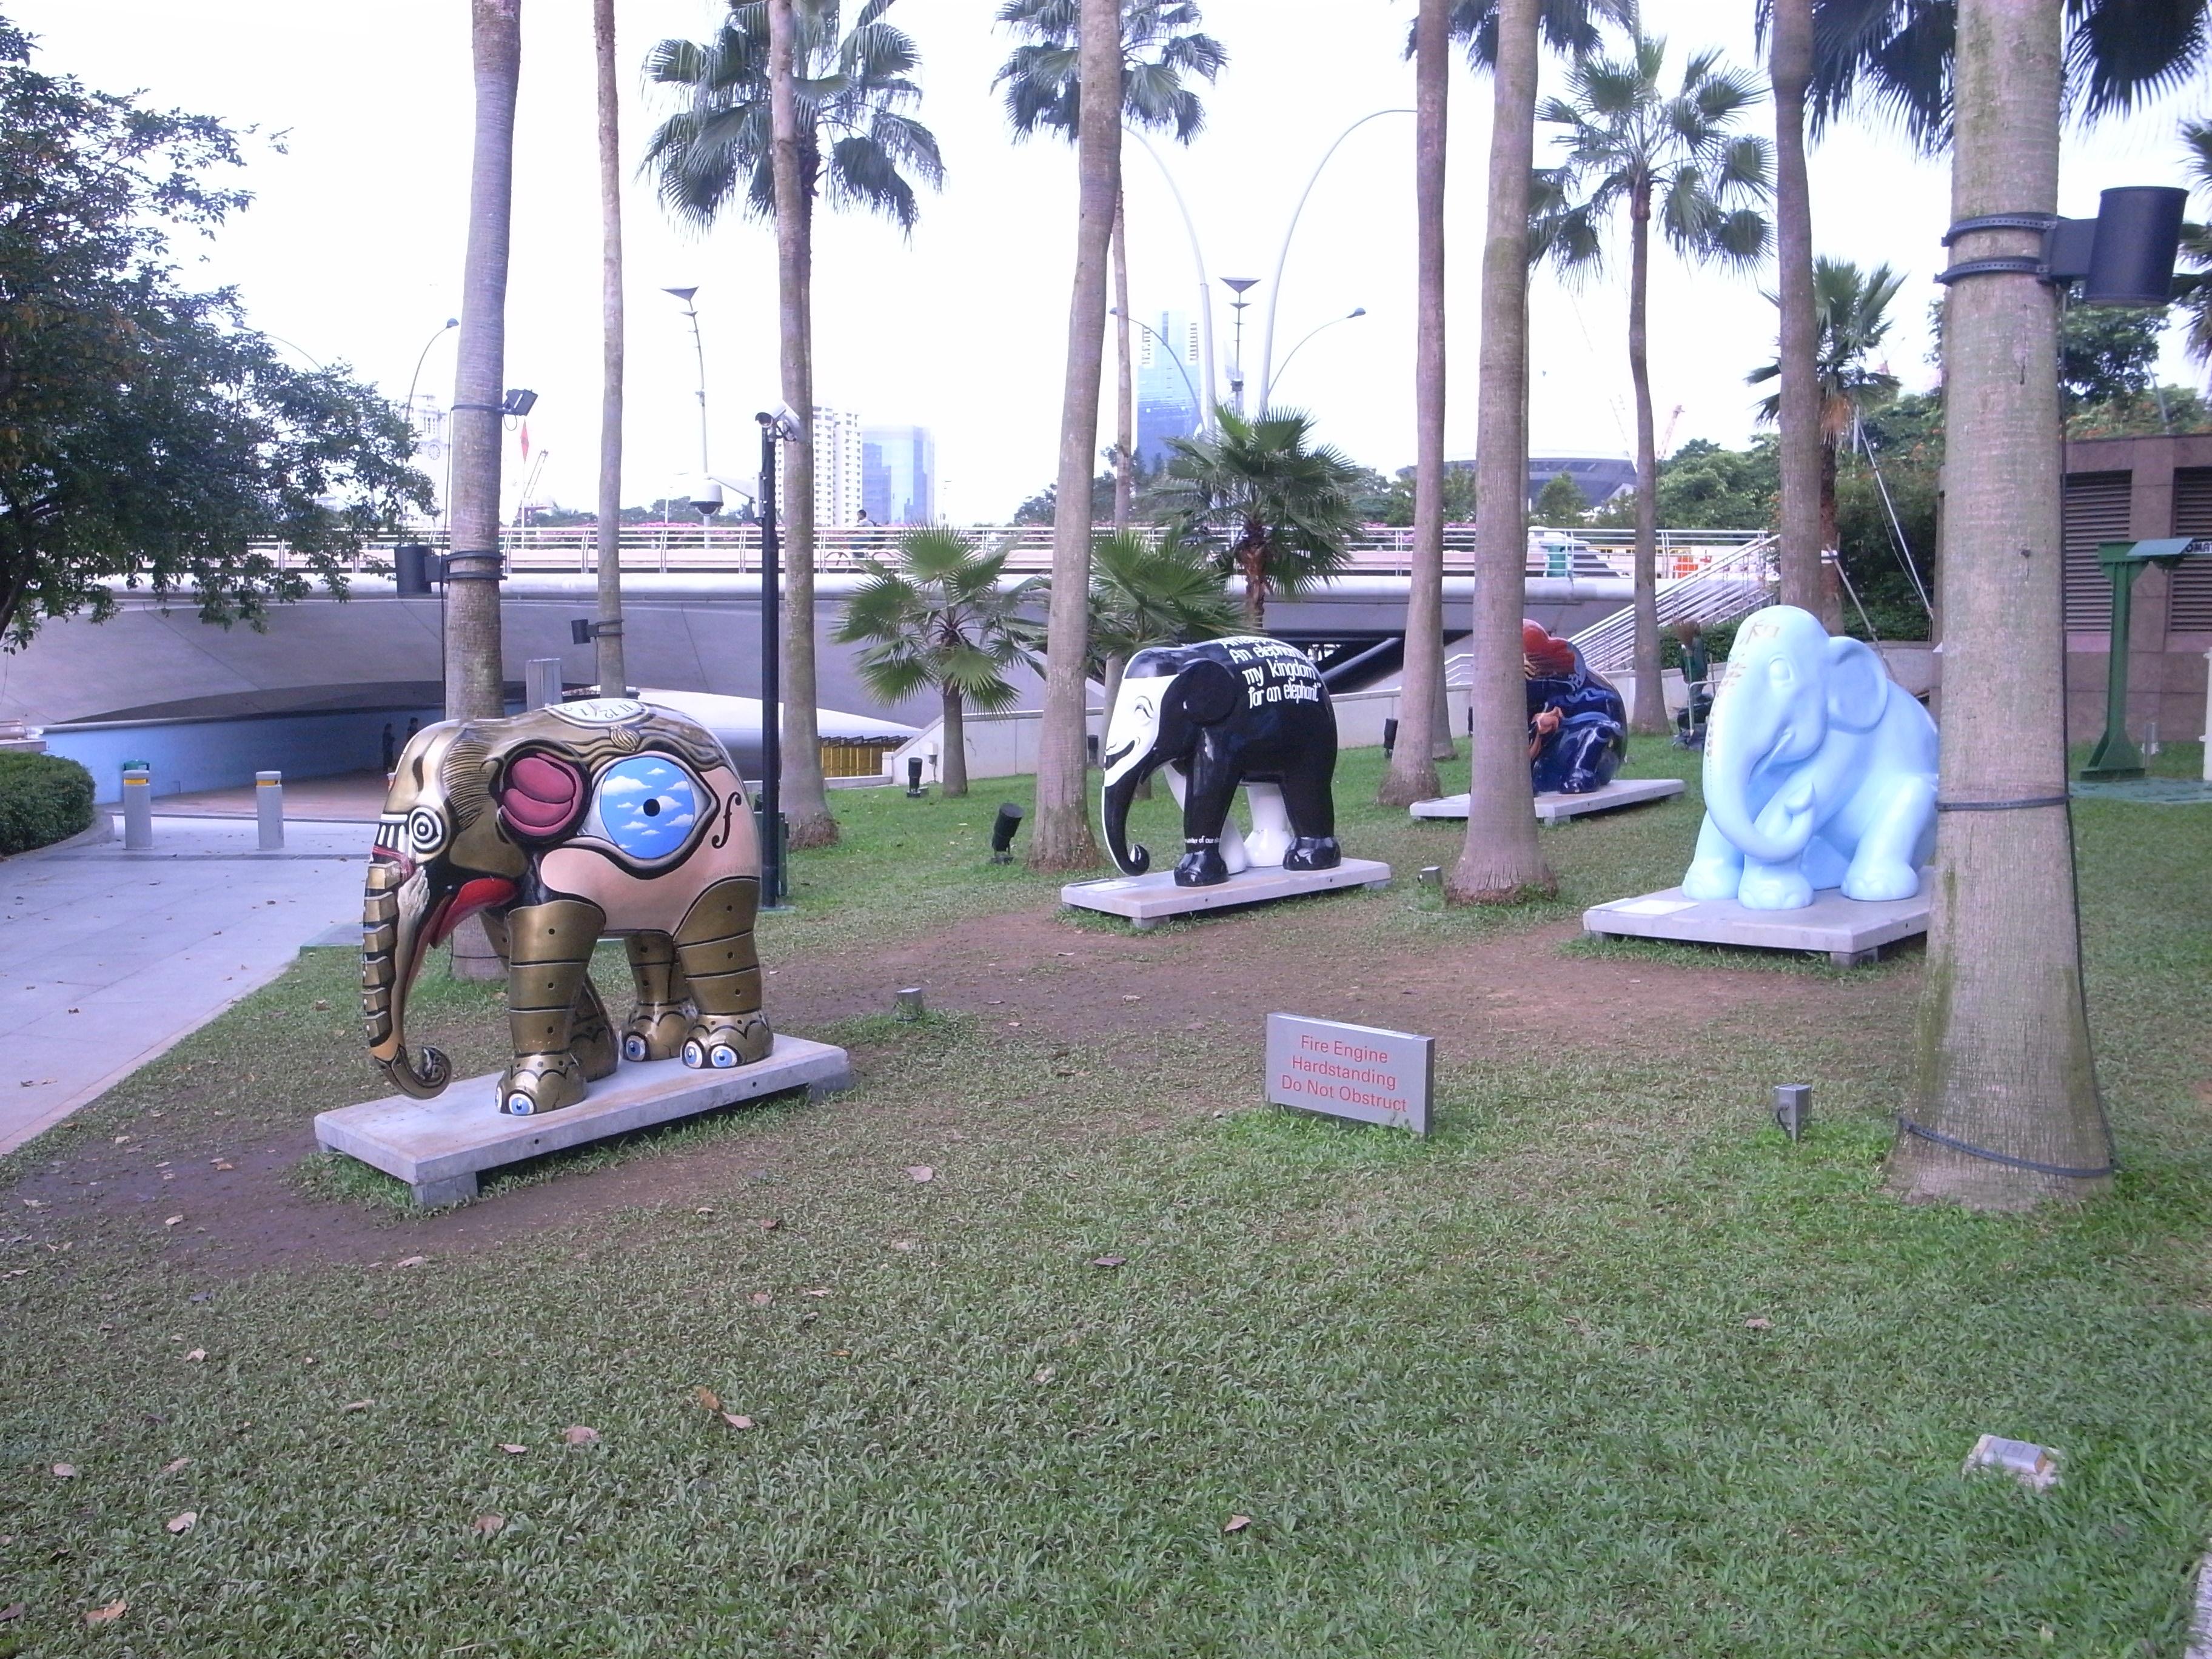 http://www.nasu.ne.jp/MT3/cgi-bin/mt/2011-12-27_09.10.00.JPG